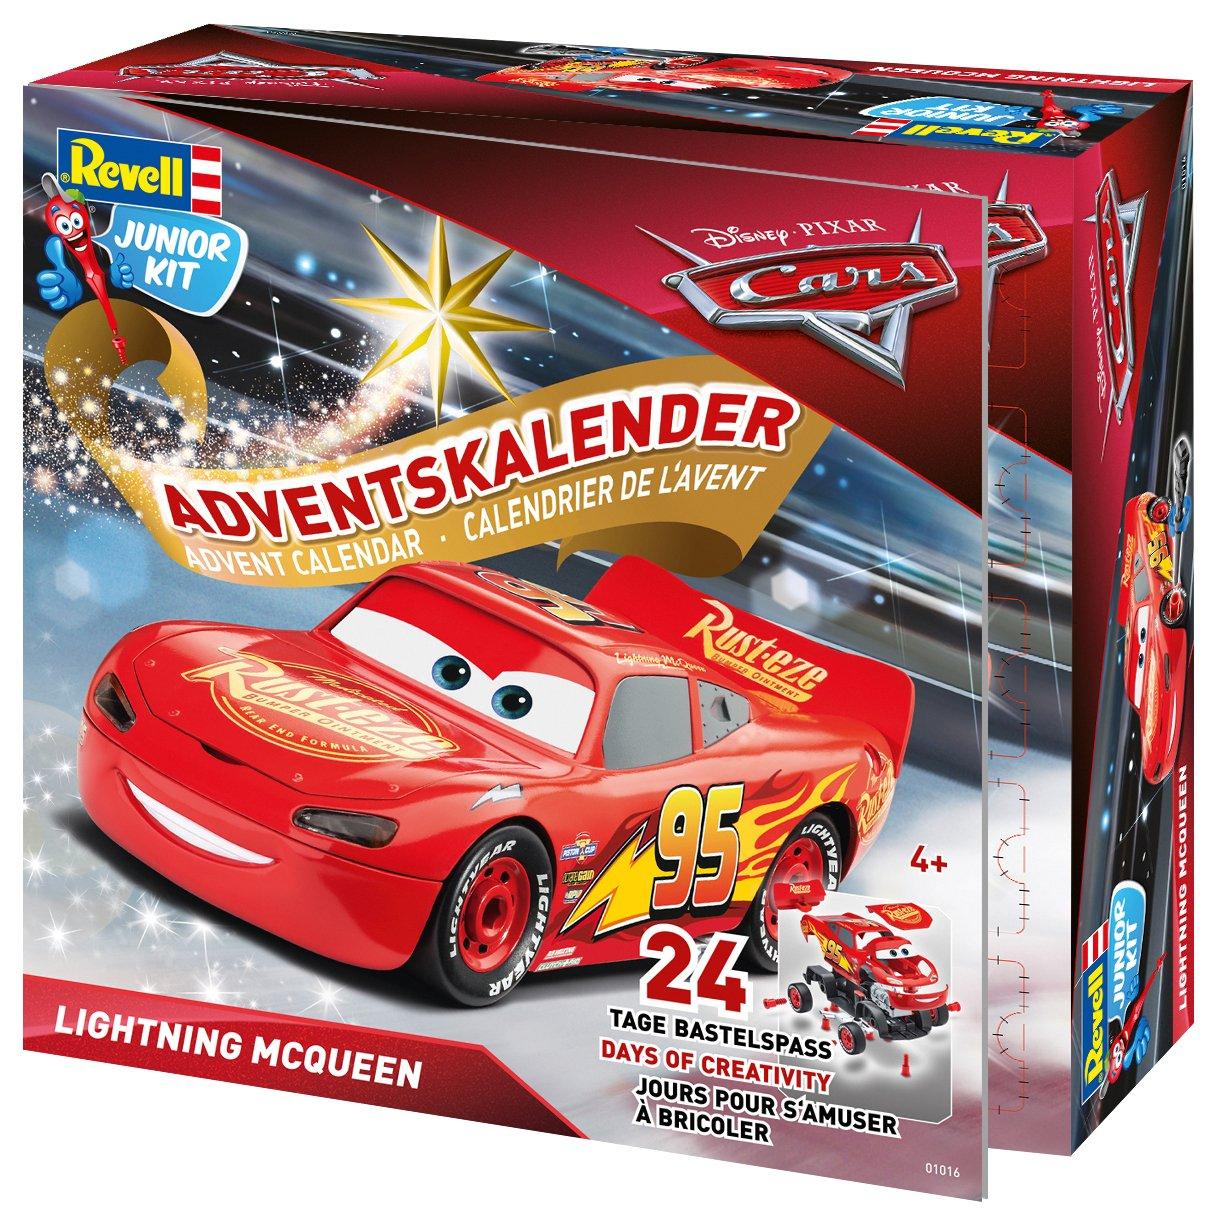 Revell GmbH 01016Lightning McQueen Junior kit Calendrier de l'Avent